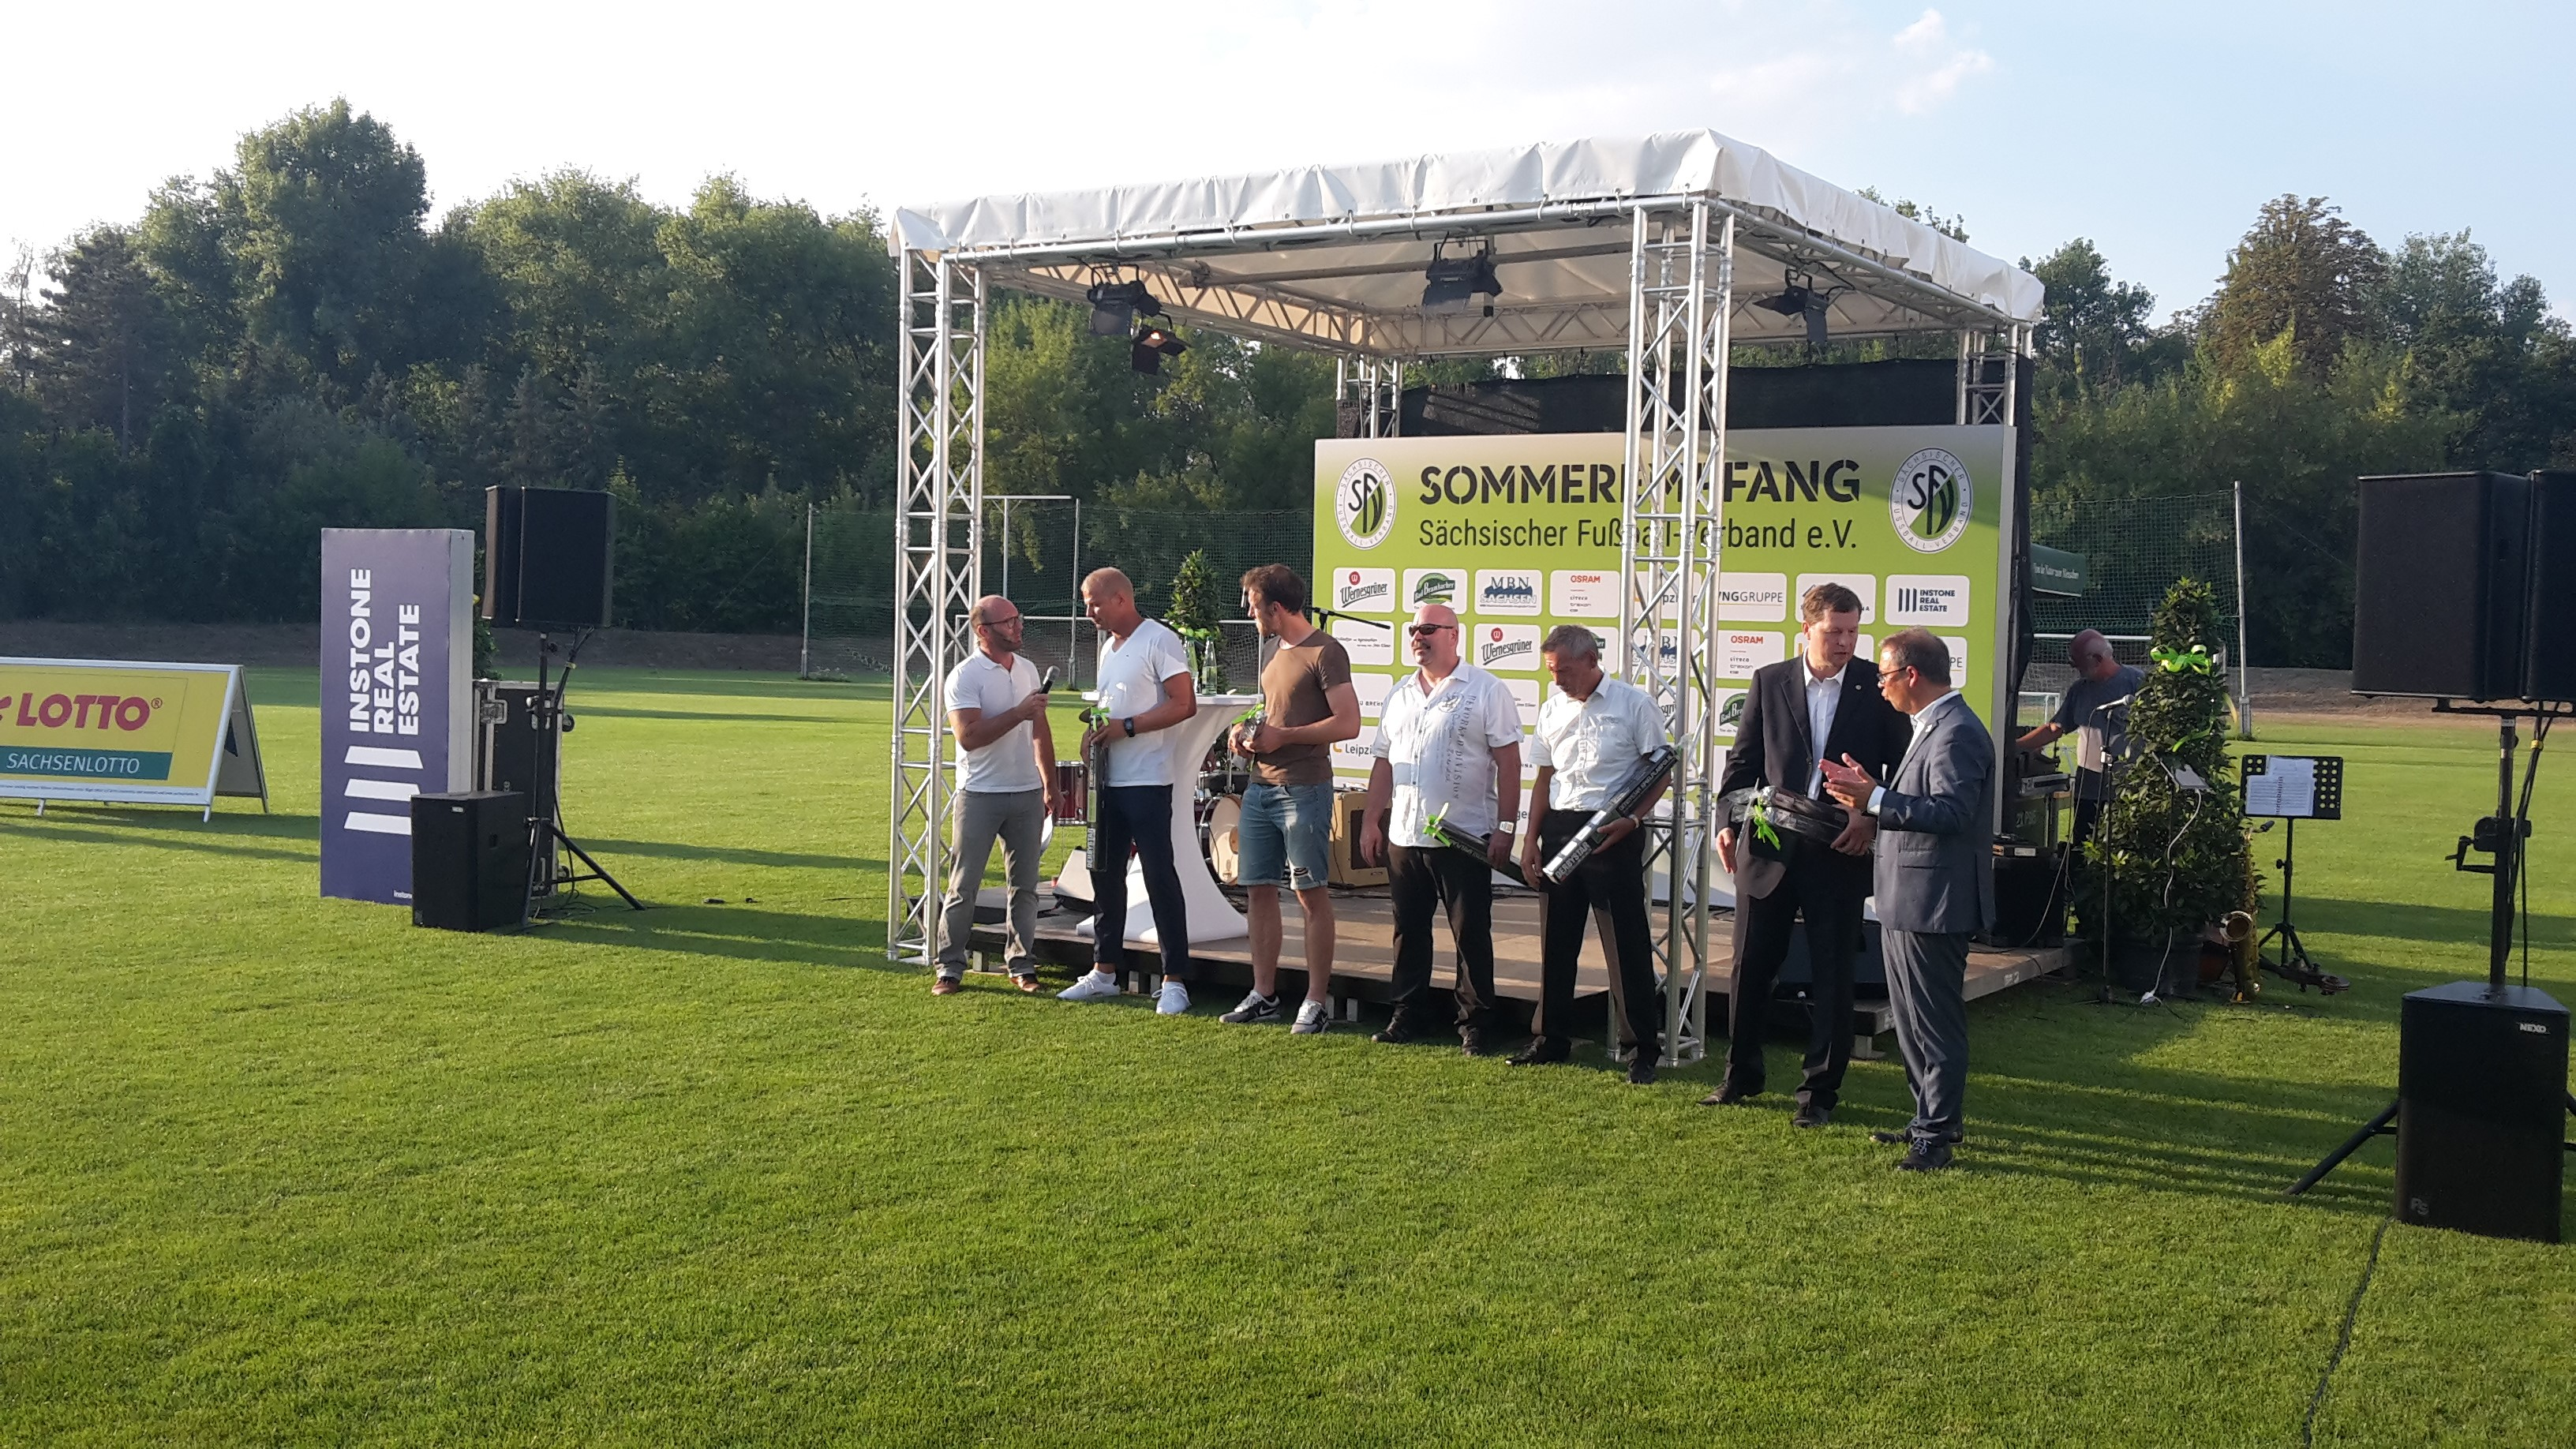 180803 Sommerempfang des Sächsischen Fußball-Verbandes 2018 3